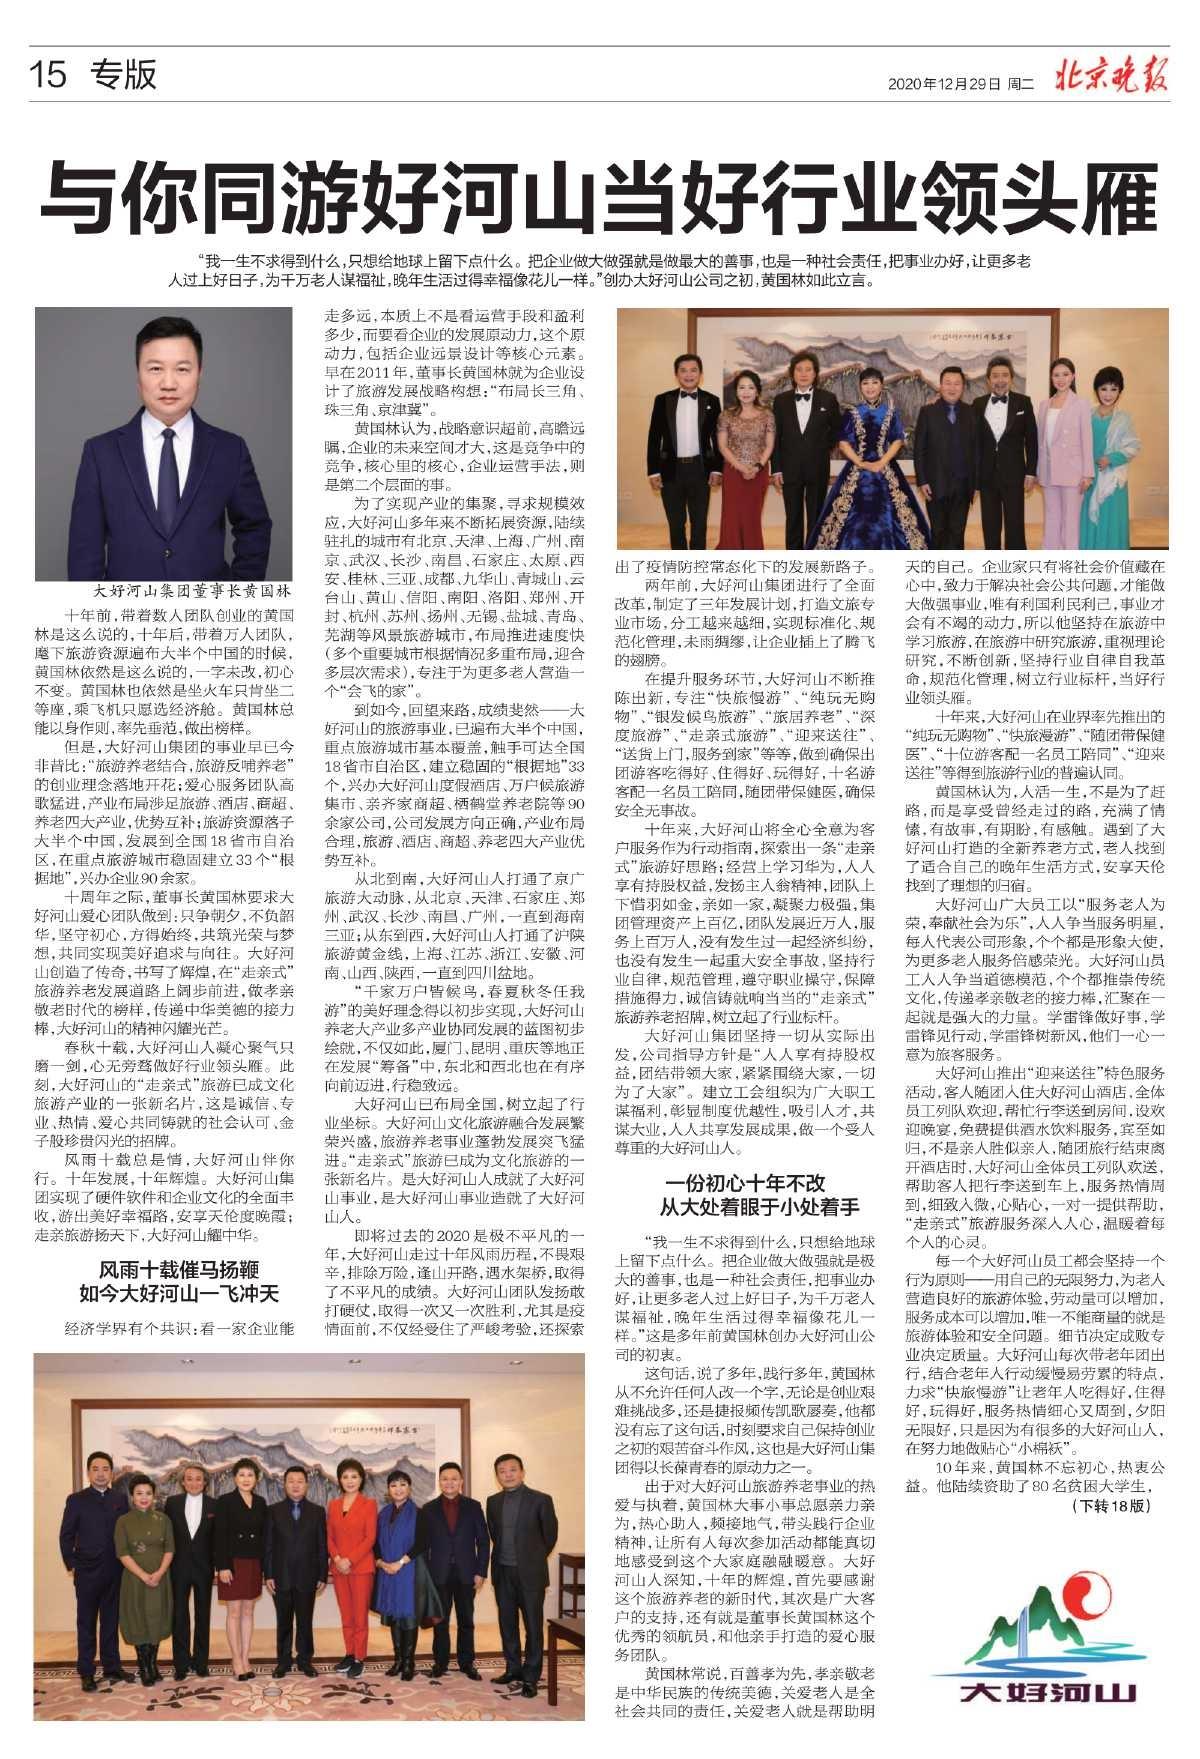 北京晚报 2020-12-29 专版15